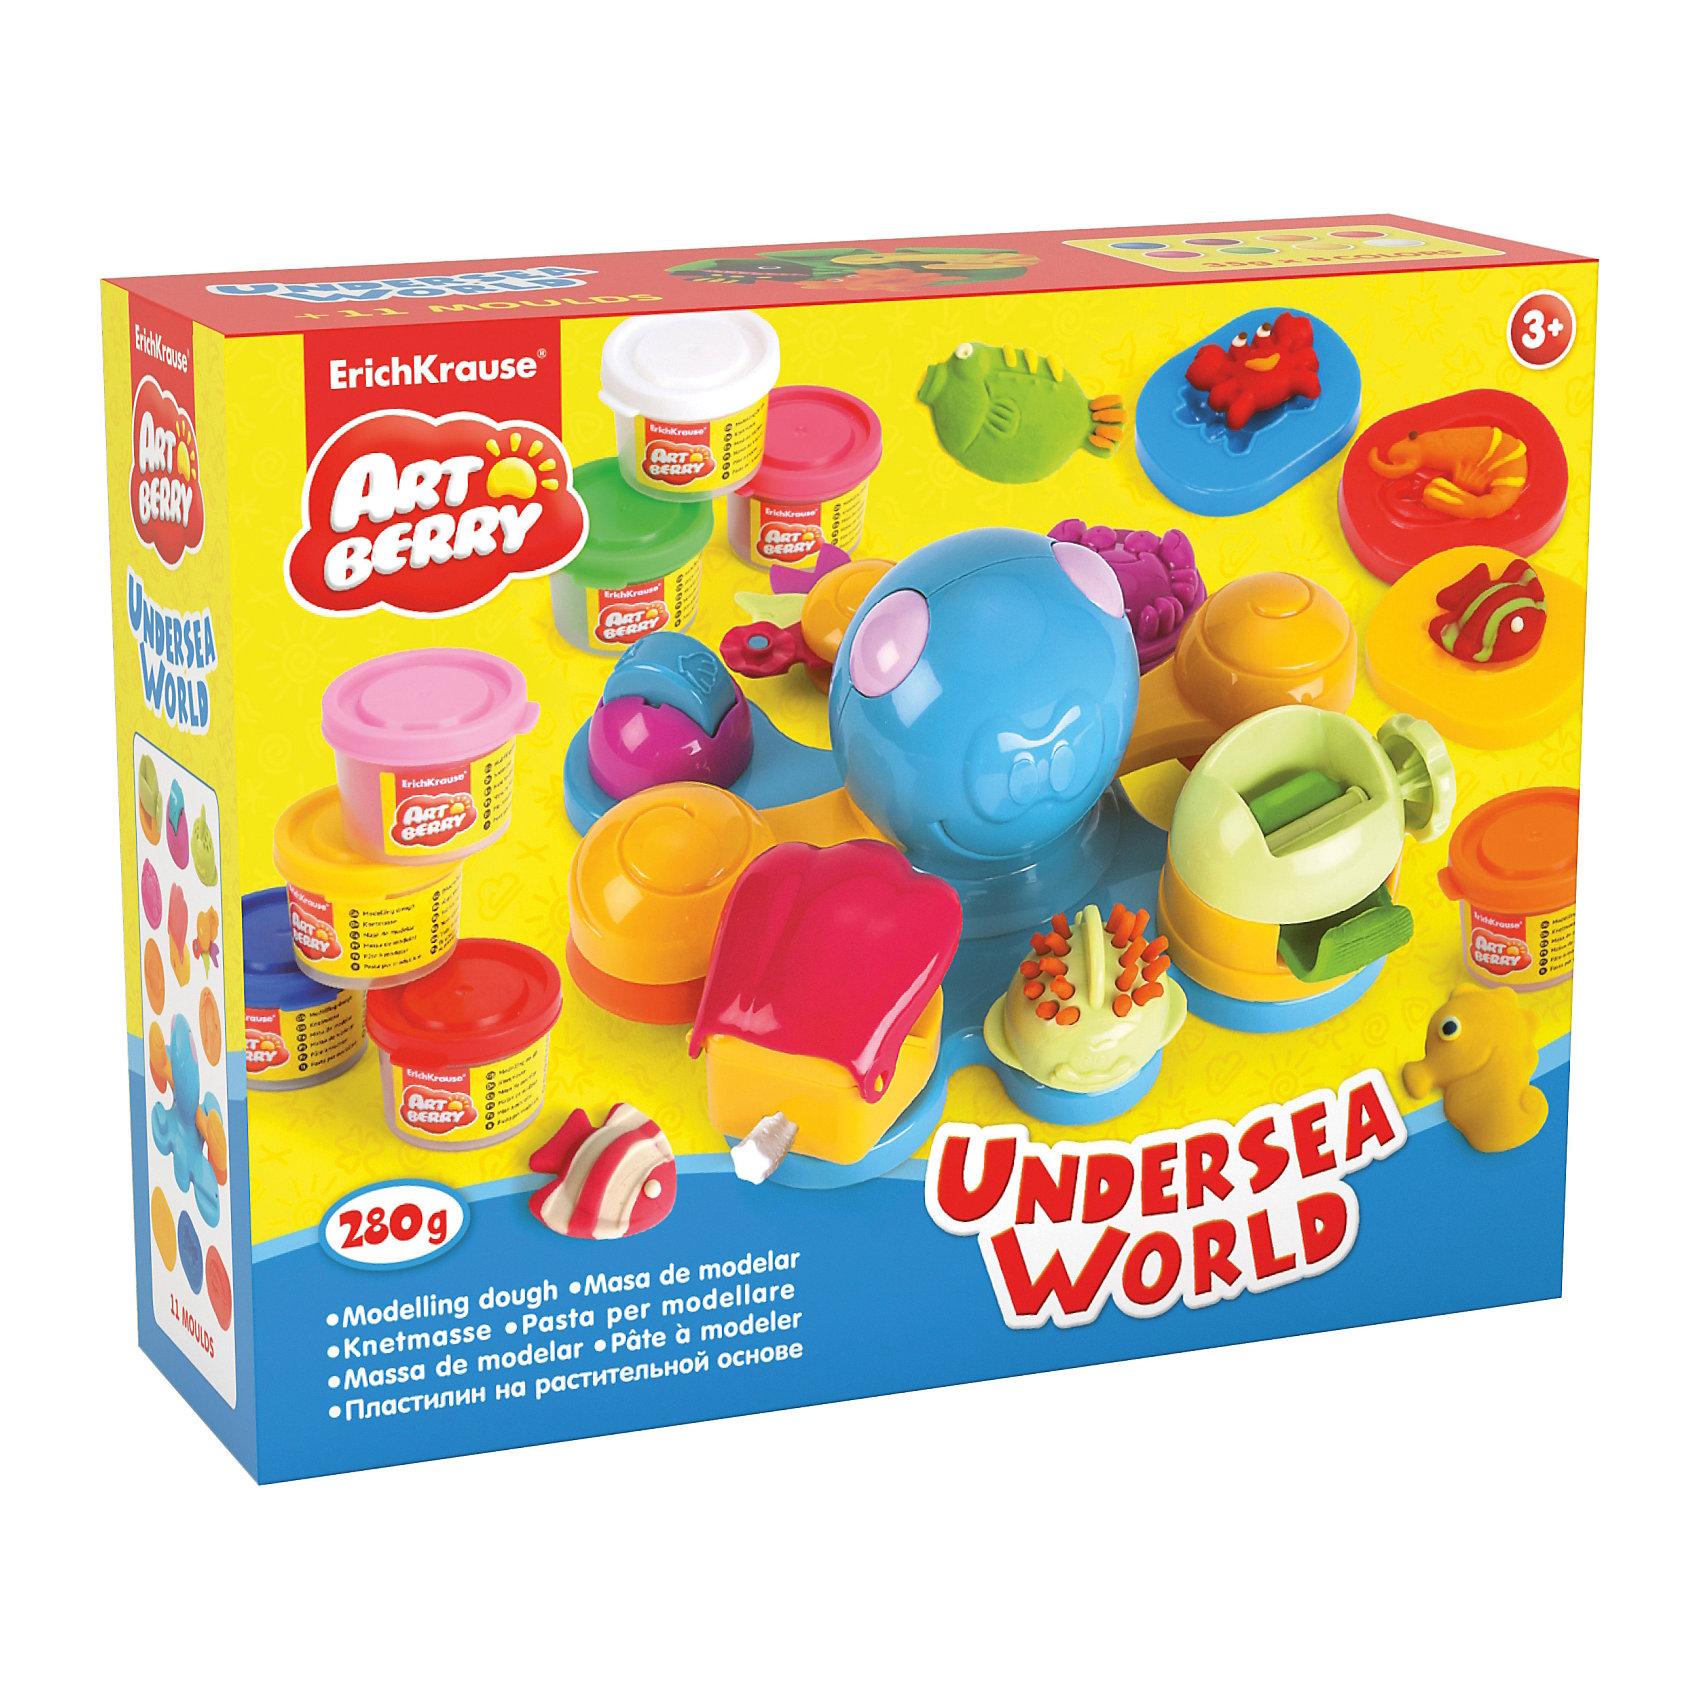 Набор для лепки: Пластилин на растительной основе Undersea World 8 цветов по 35гЛепка<br>Состав: 8 цветов пластилина по 35 г + осьминог - игрушка, 3 объемных формочки, фигурный нож, насадка-штамп, насадка-валик, насадка-рыбка, насадка-крабик, насадка-пресс. Упаковка: картонная коробка в термоплёнке<br><br>Ширина мм: 355<br>Глубина мм: 275<br>Высота мм: 117<br>Вес г: 1166<br>Возраст от месяцев: 60<br>Возраст до месяцев: 216<br>Пол: Унисекс<br>Возраст: Детский<br>SKU: 5409340